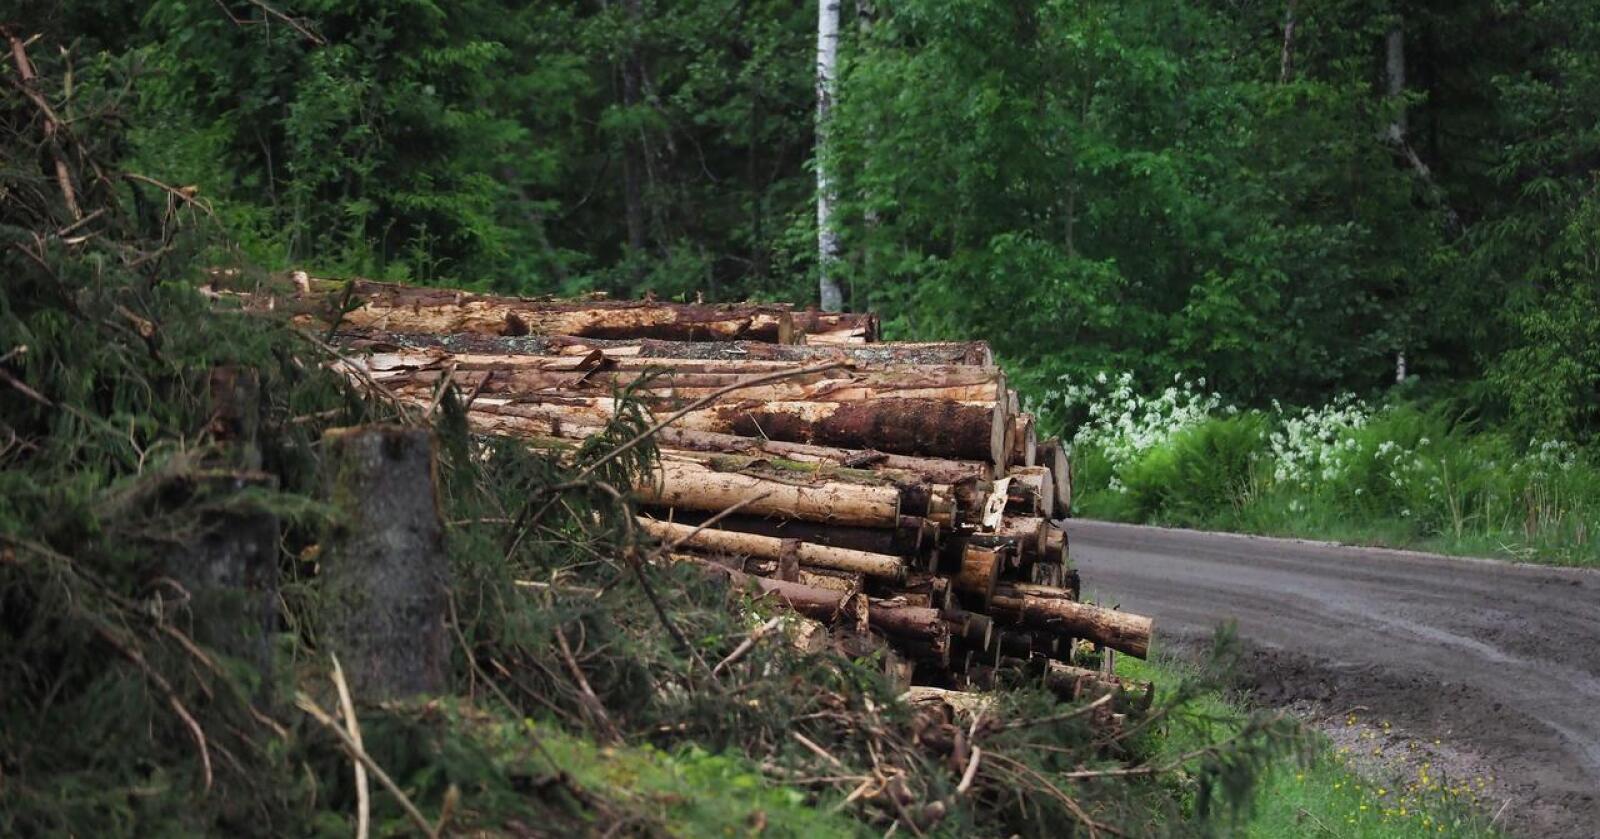 Skogbruk i Innlandet: Forvaltninga må tydeliggjøre at skogen er mer enn omsetningsverdien av tømmer, skriver Morten Aas. Illustrasjonsfoto: Siri Juell Rasmussen